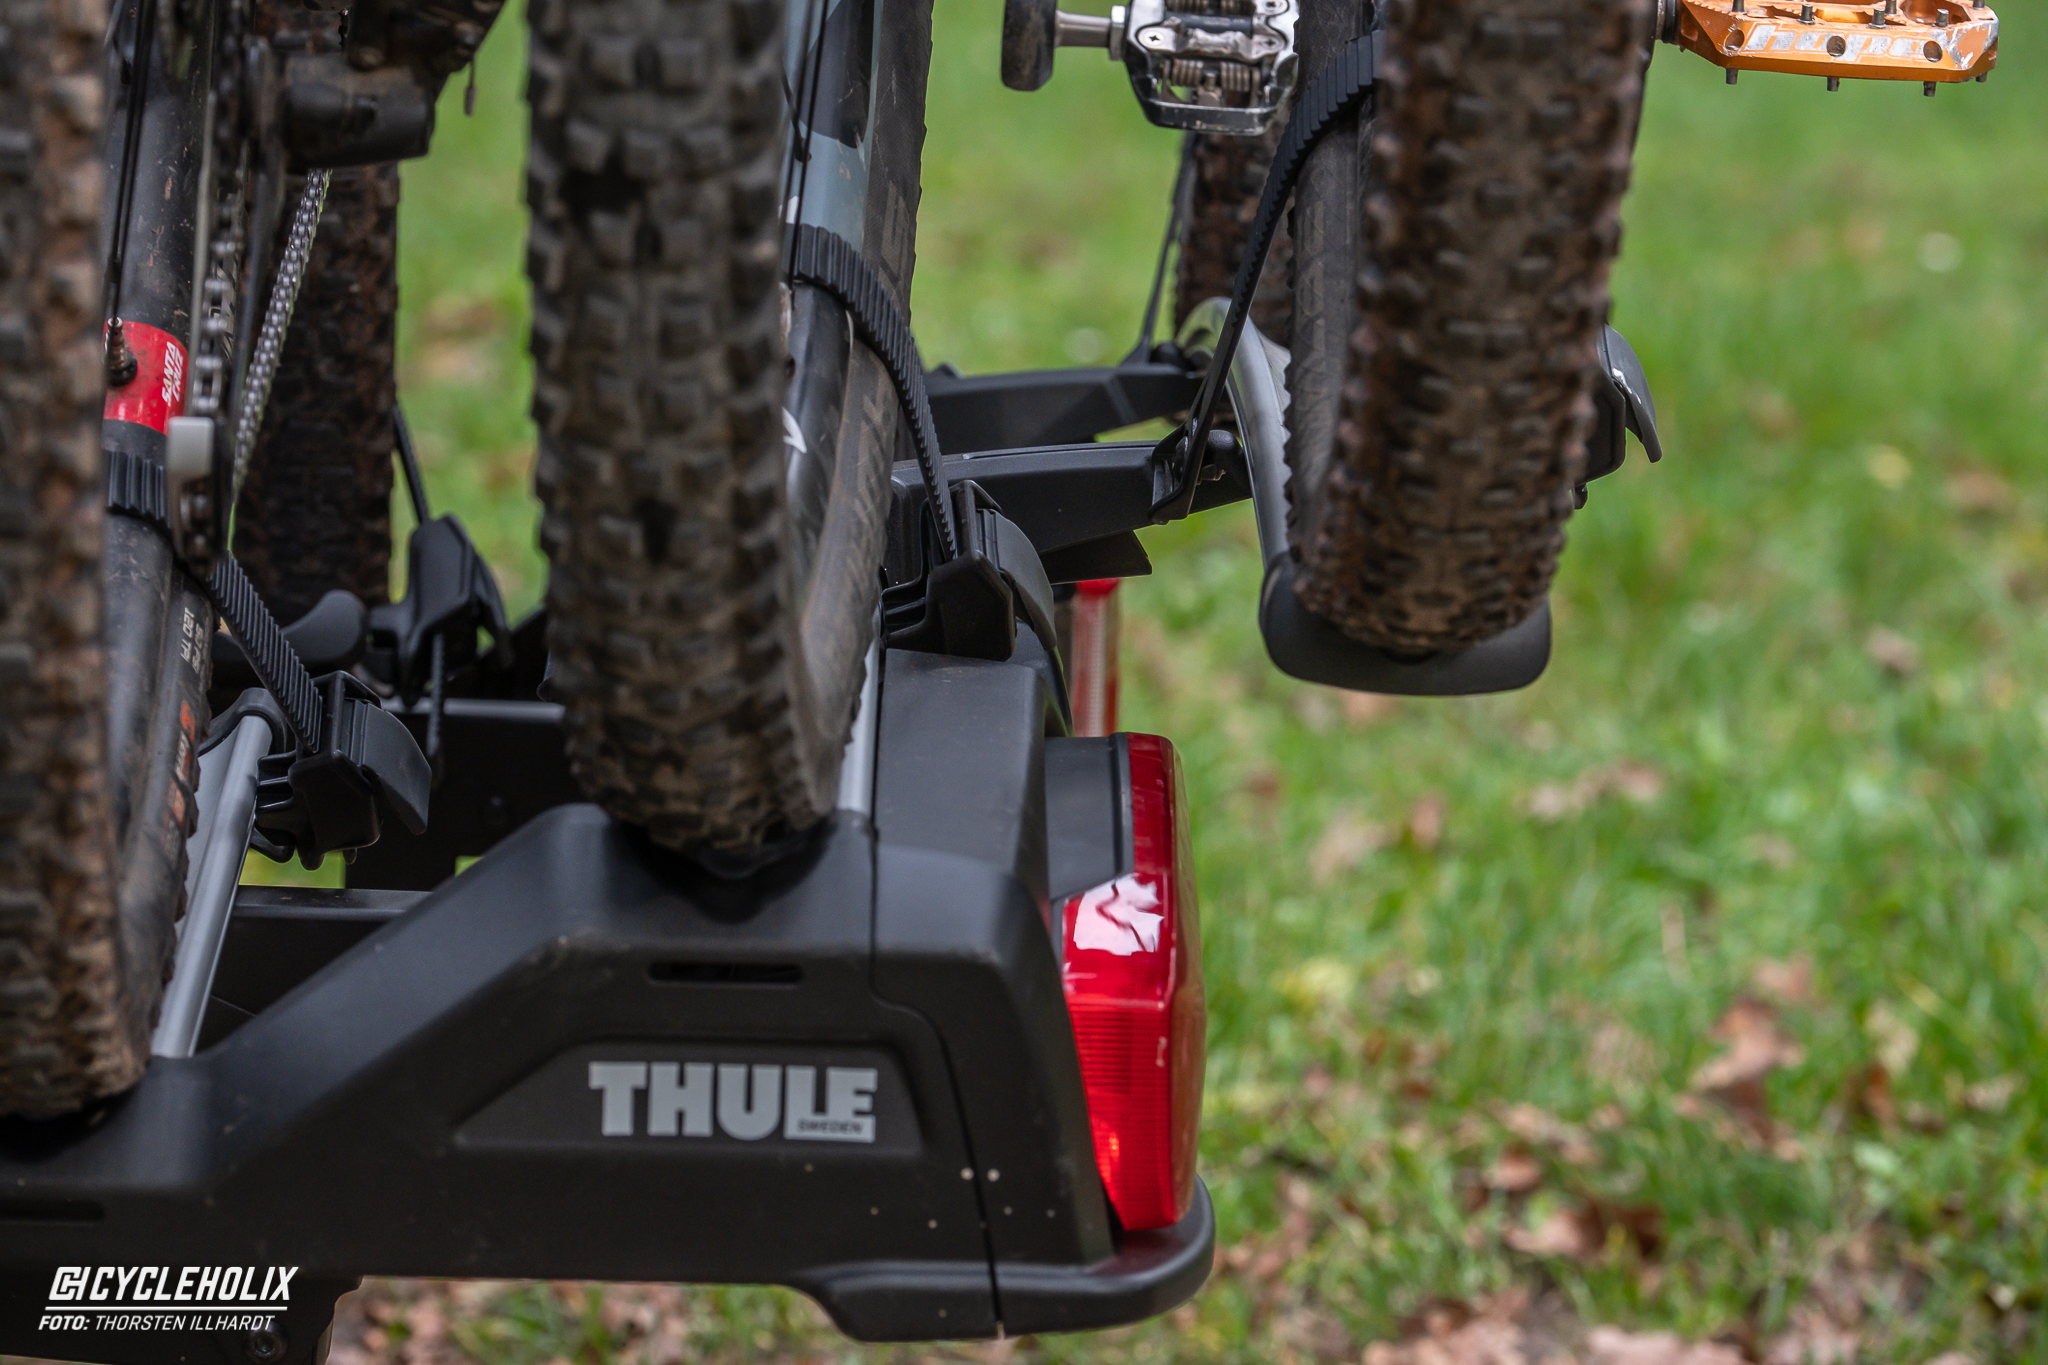 Thule XT3 6194